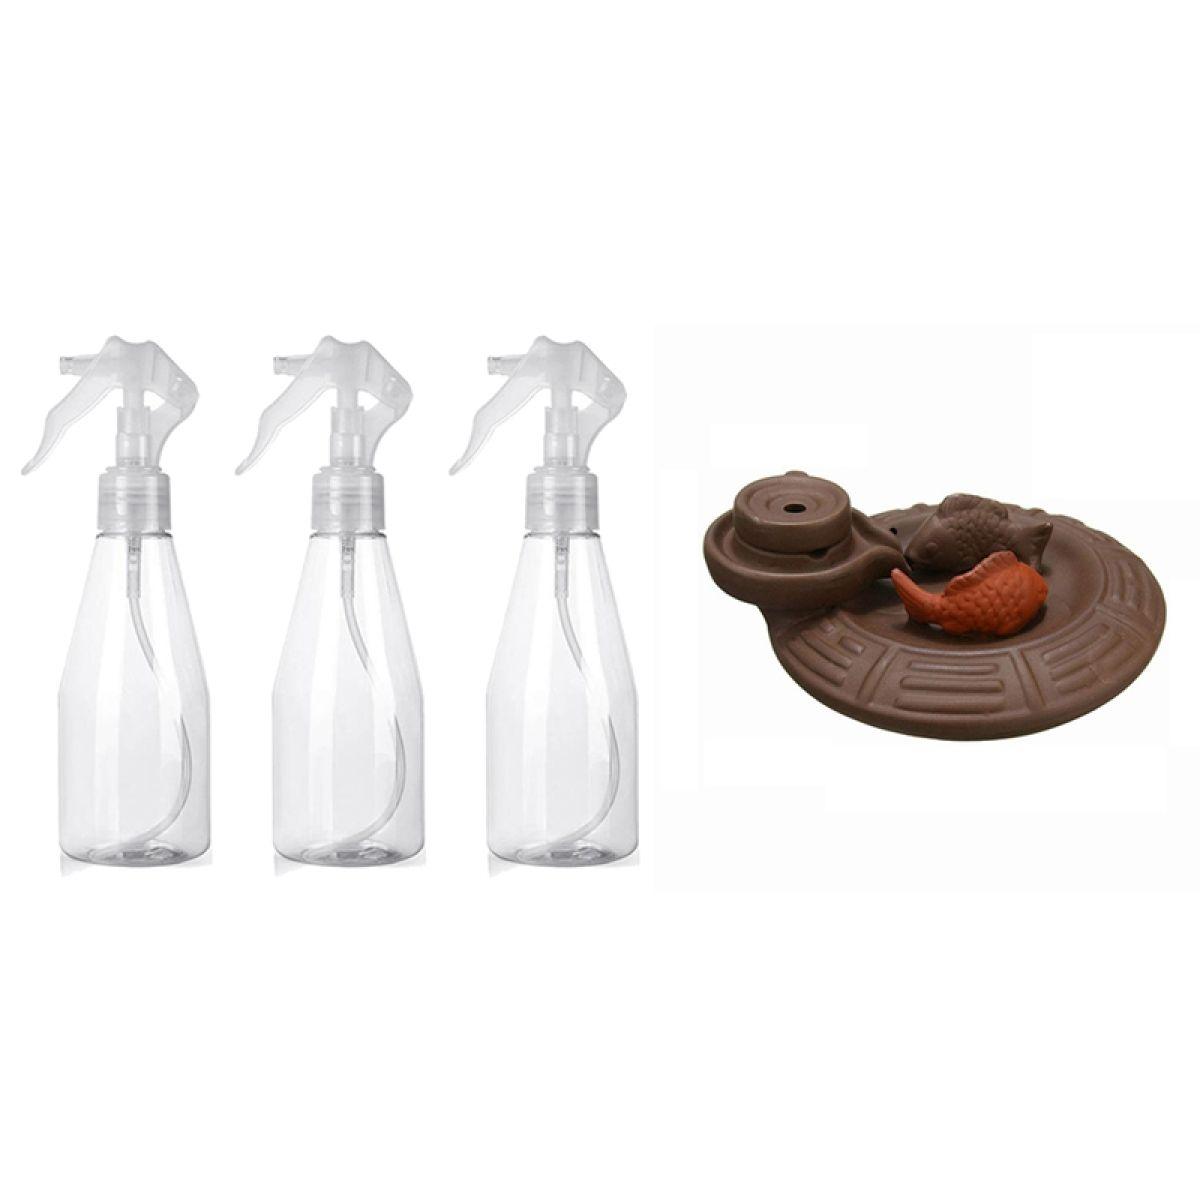 1 Pcs Ceramic Fish Backflow Incense Burner Incense Cones Sticks Holder 3 Pcs 200ml Misting Spray Bottle Lazada